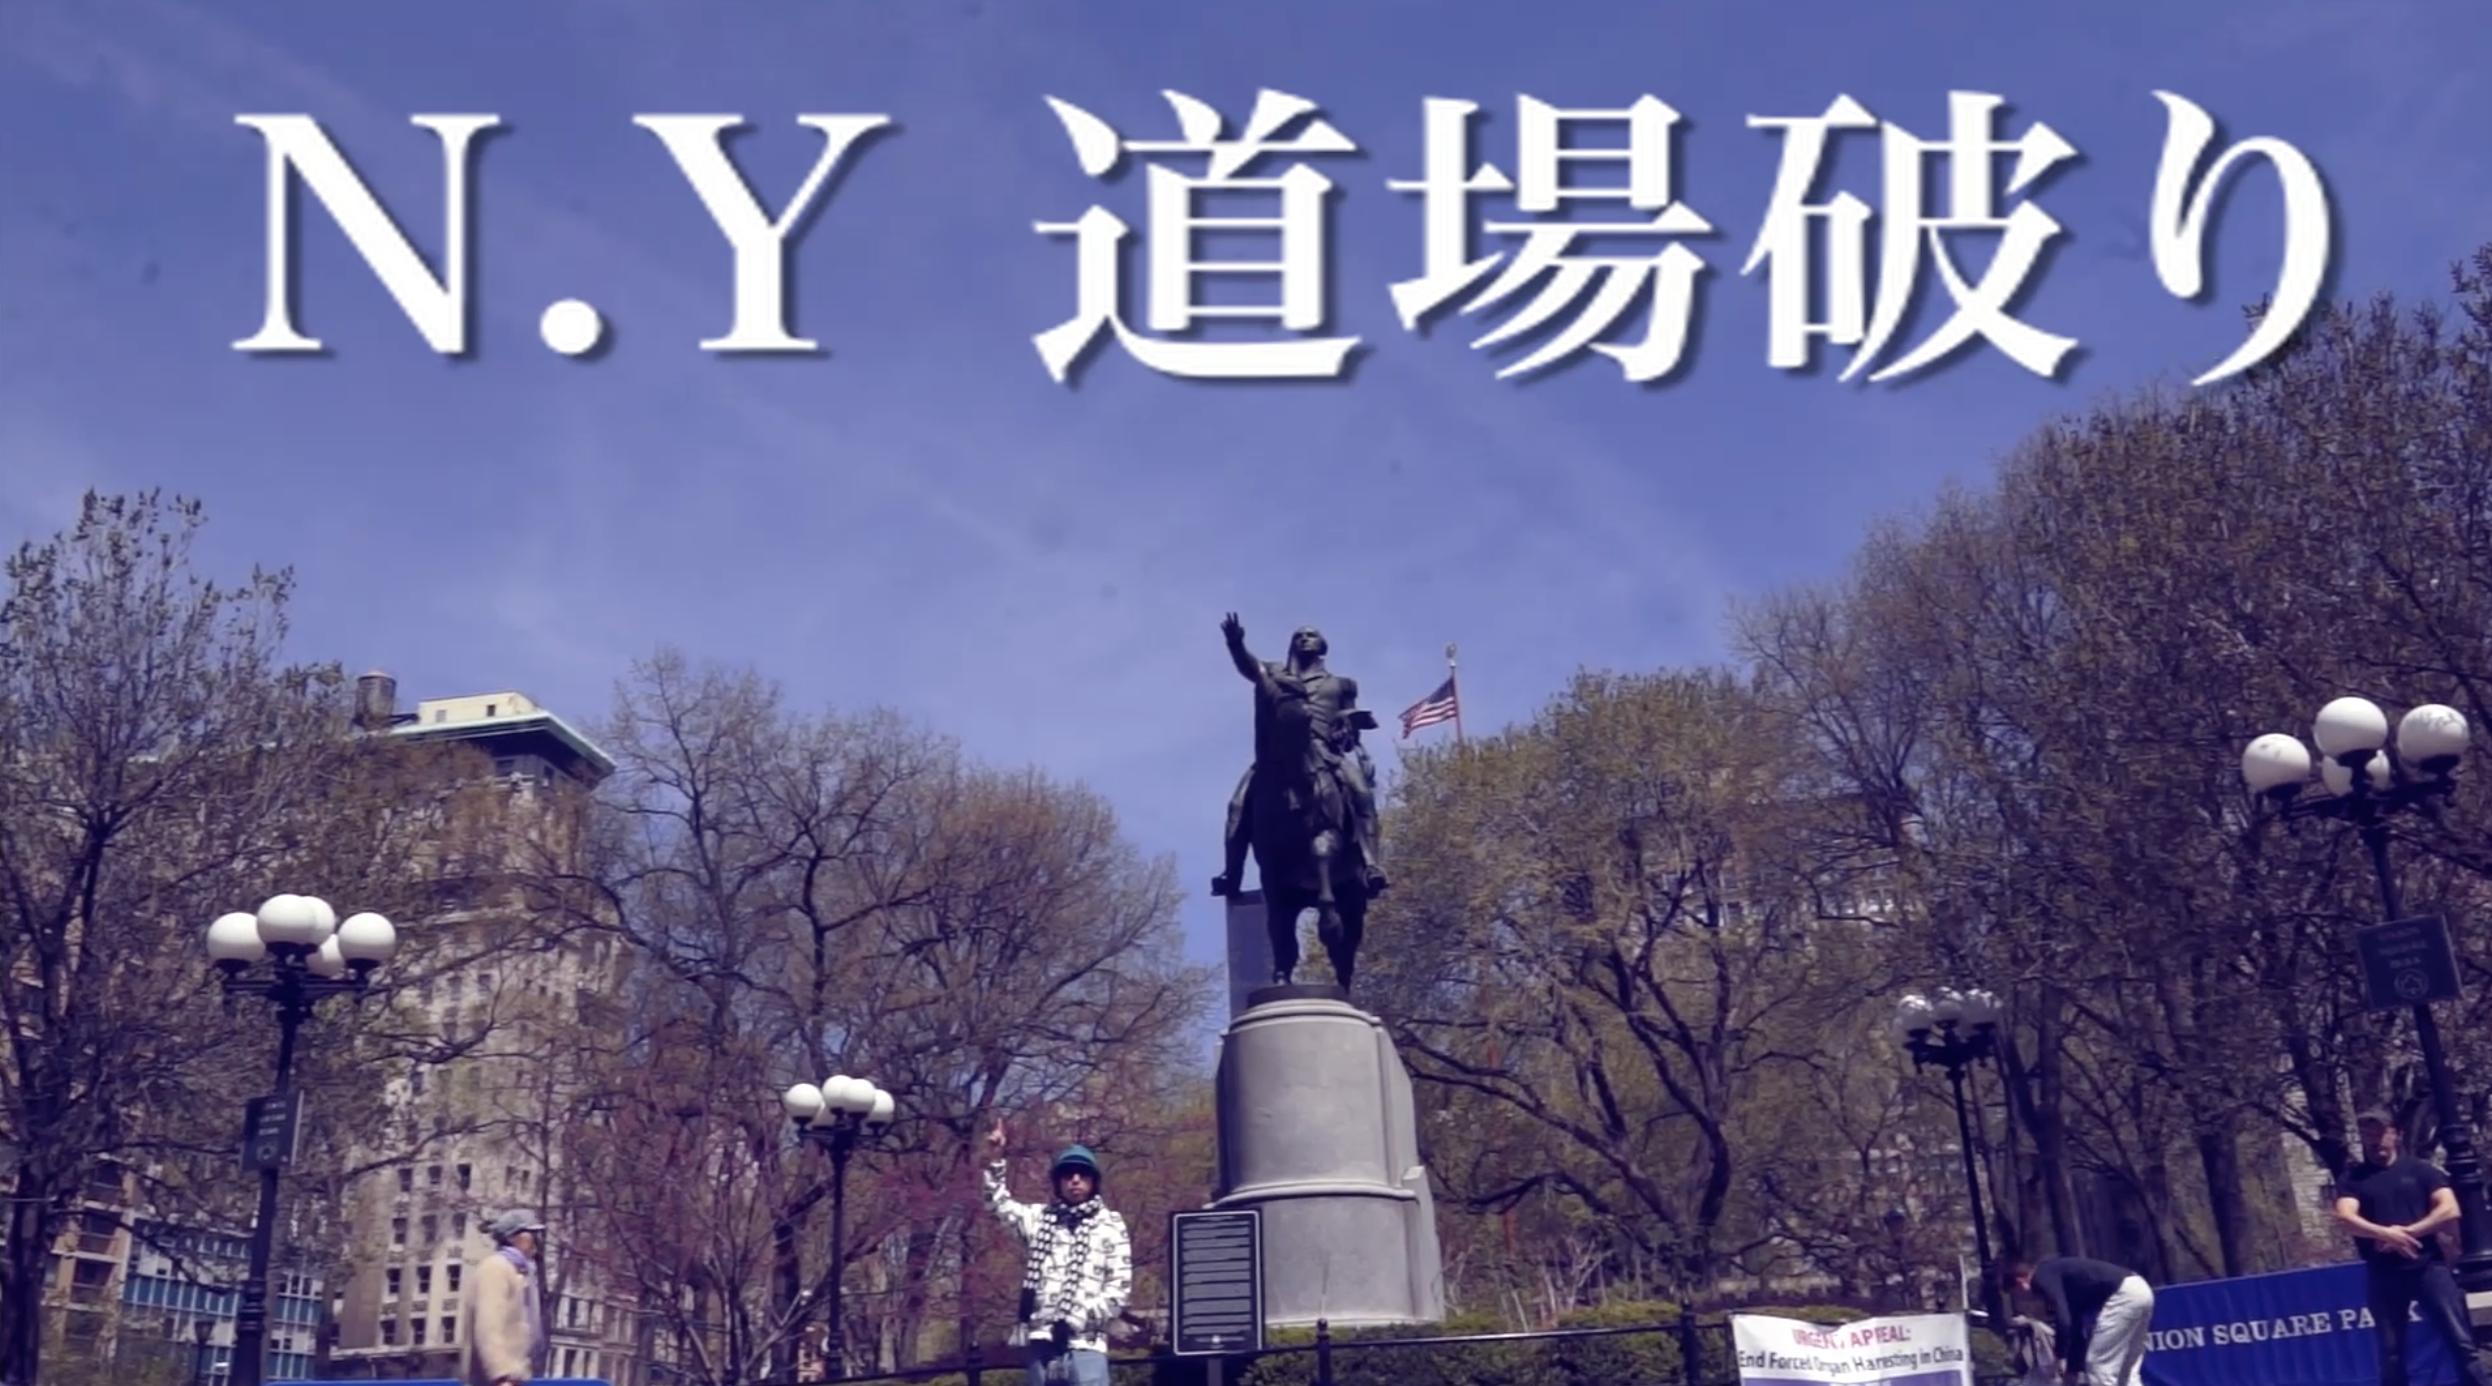 集客動画塾 動画セミナー in N.Y ダイジェストPV